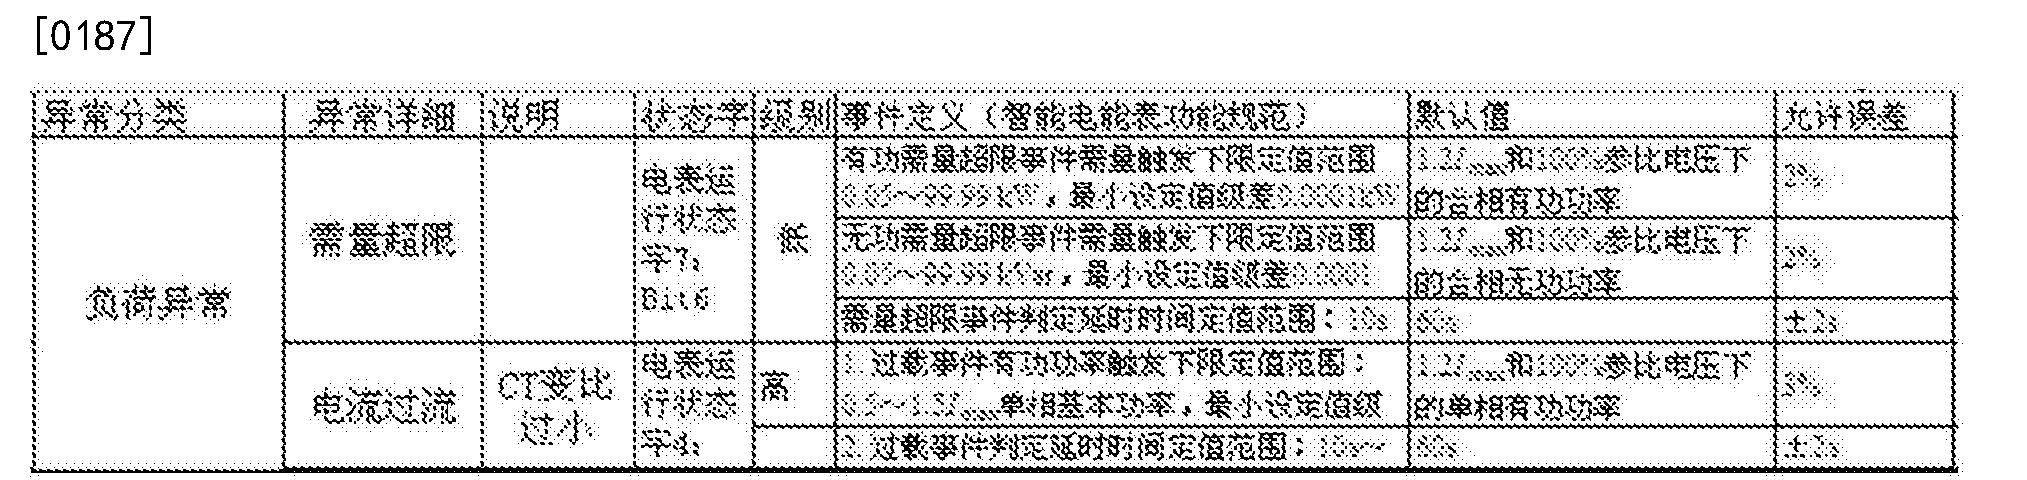 Figure CN105550499BD00266